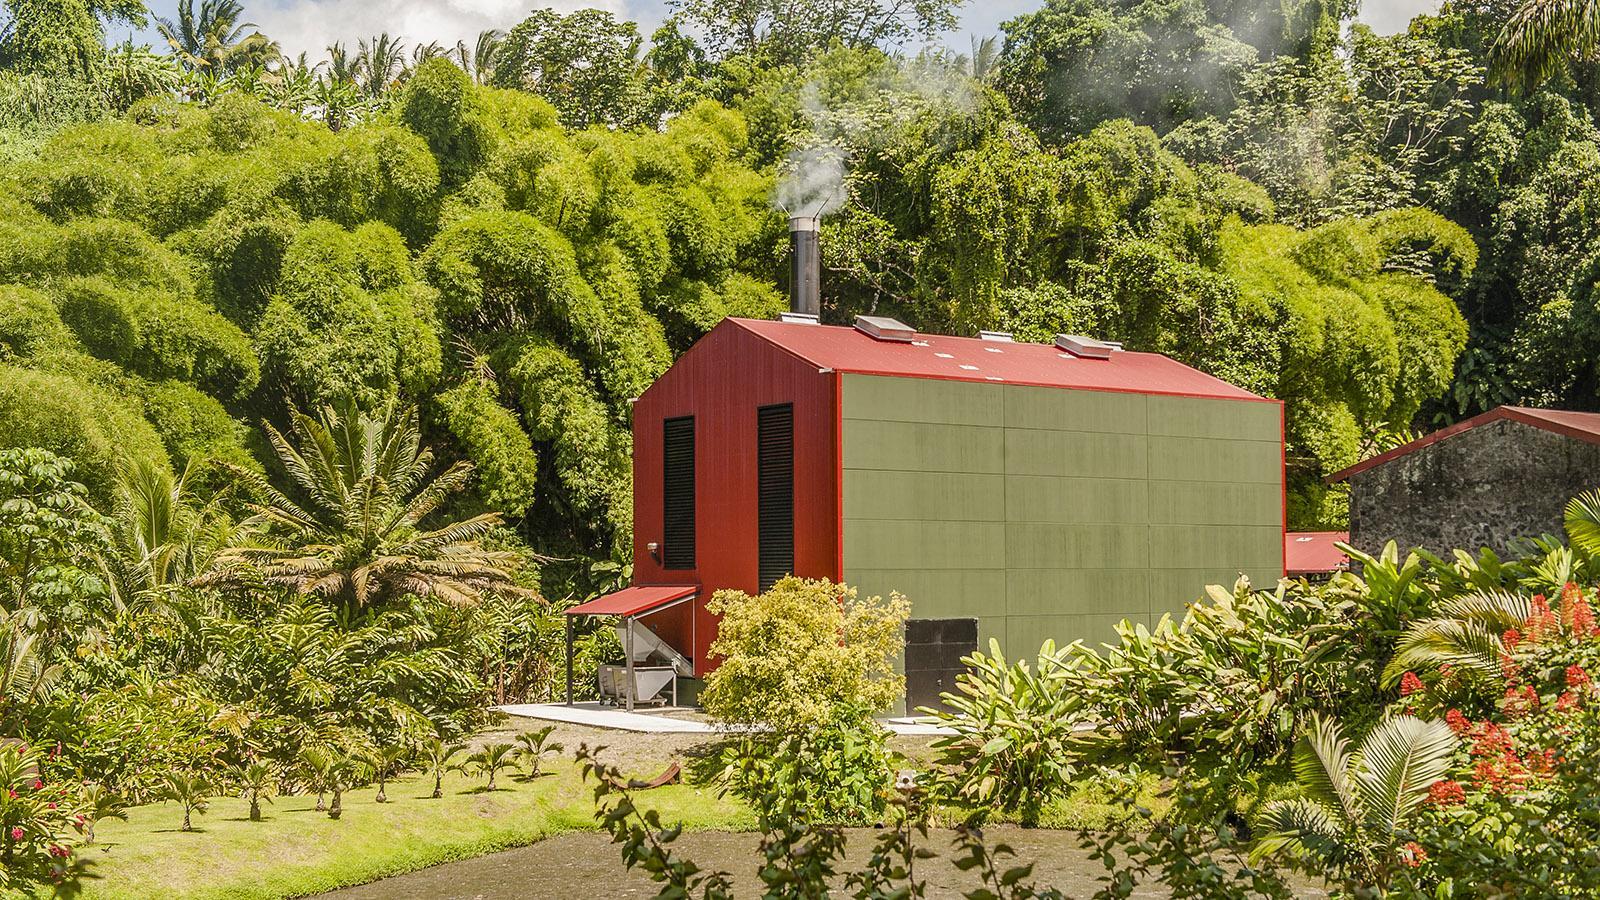 Rum auf Martinique: die Rumfabrik von Rhum J.M. Foto. Hilke Maunder